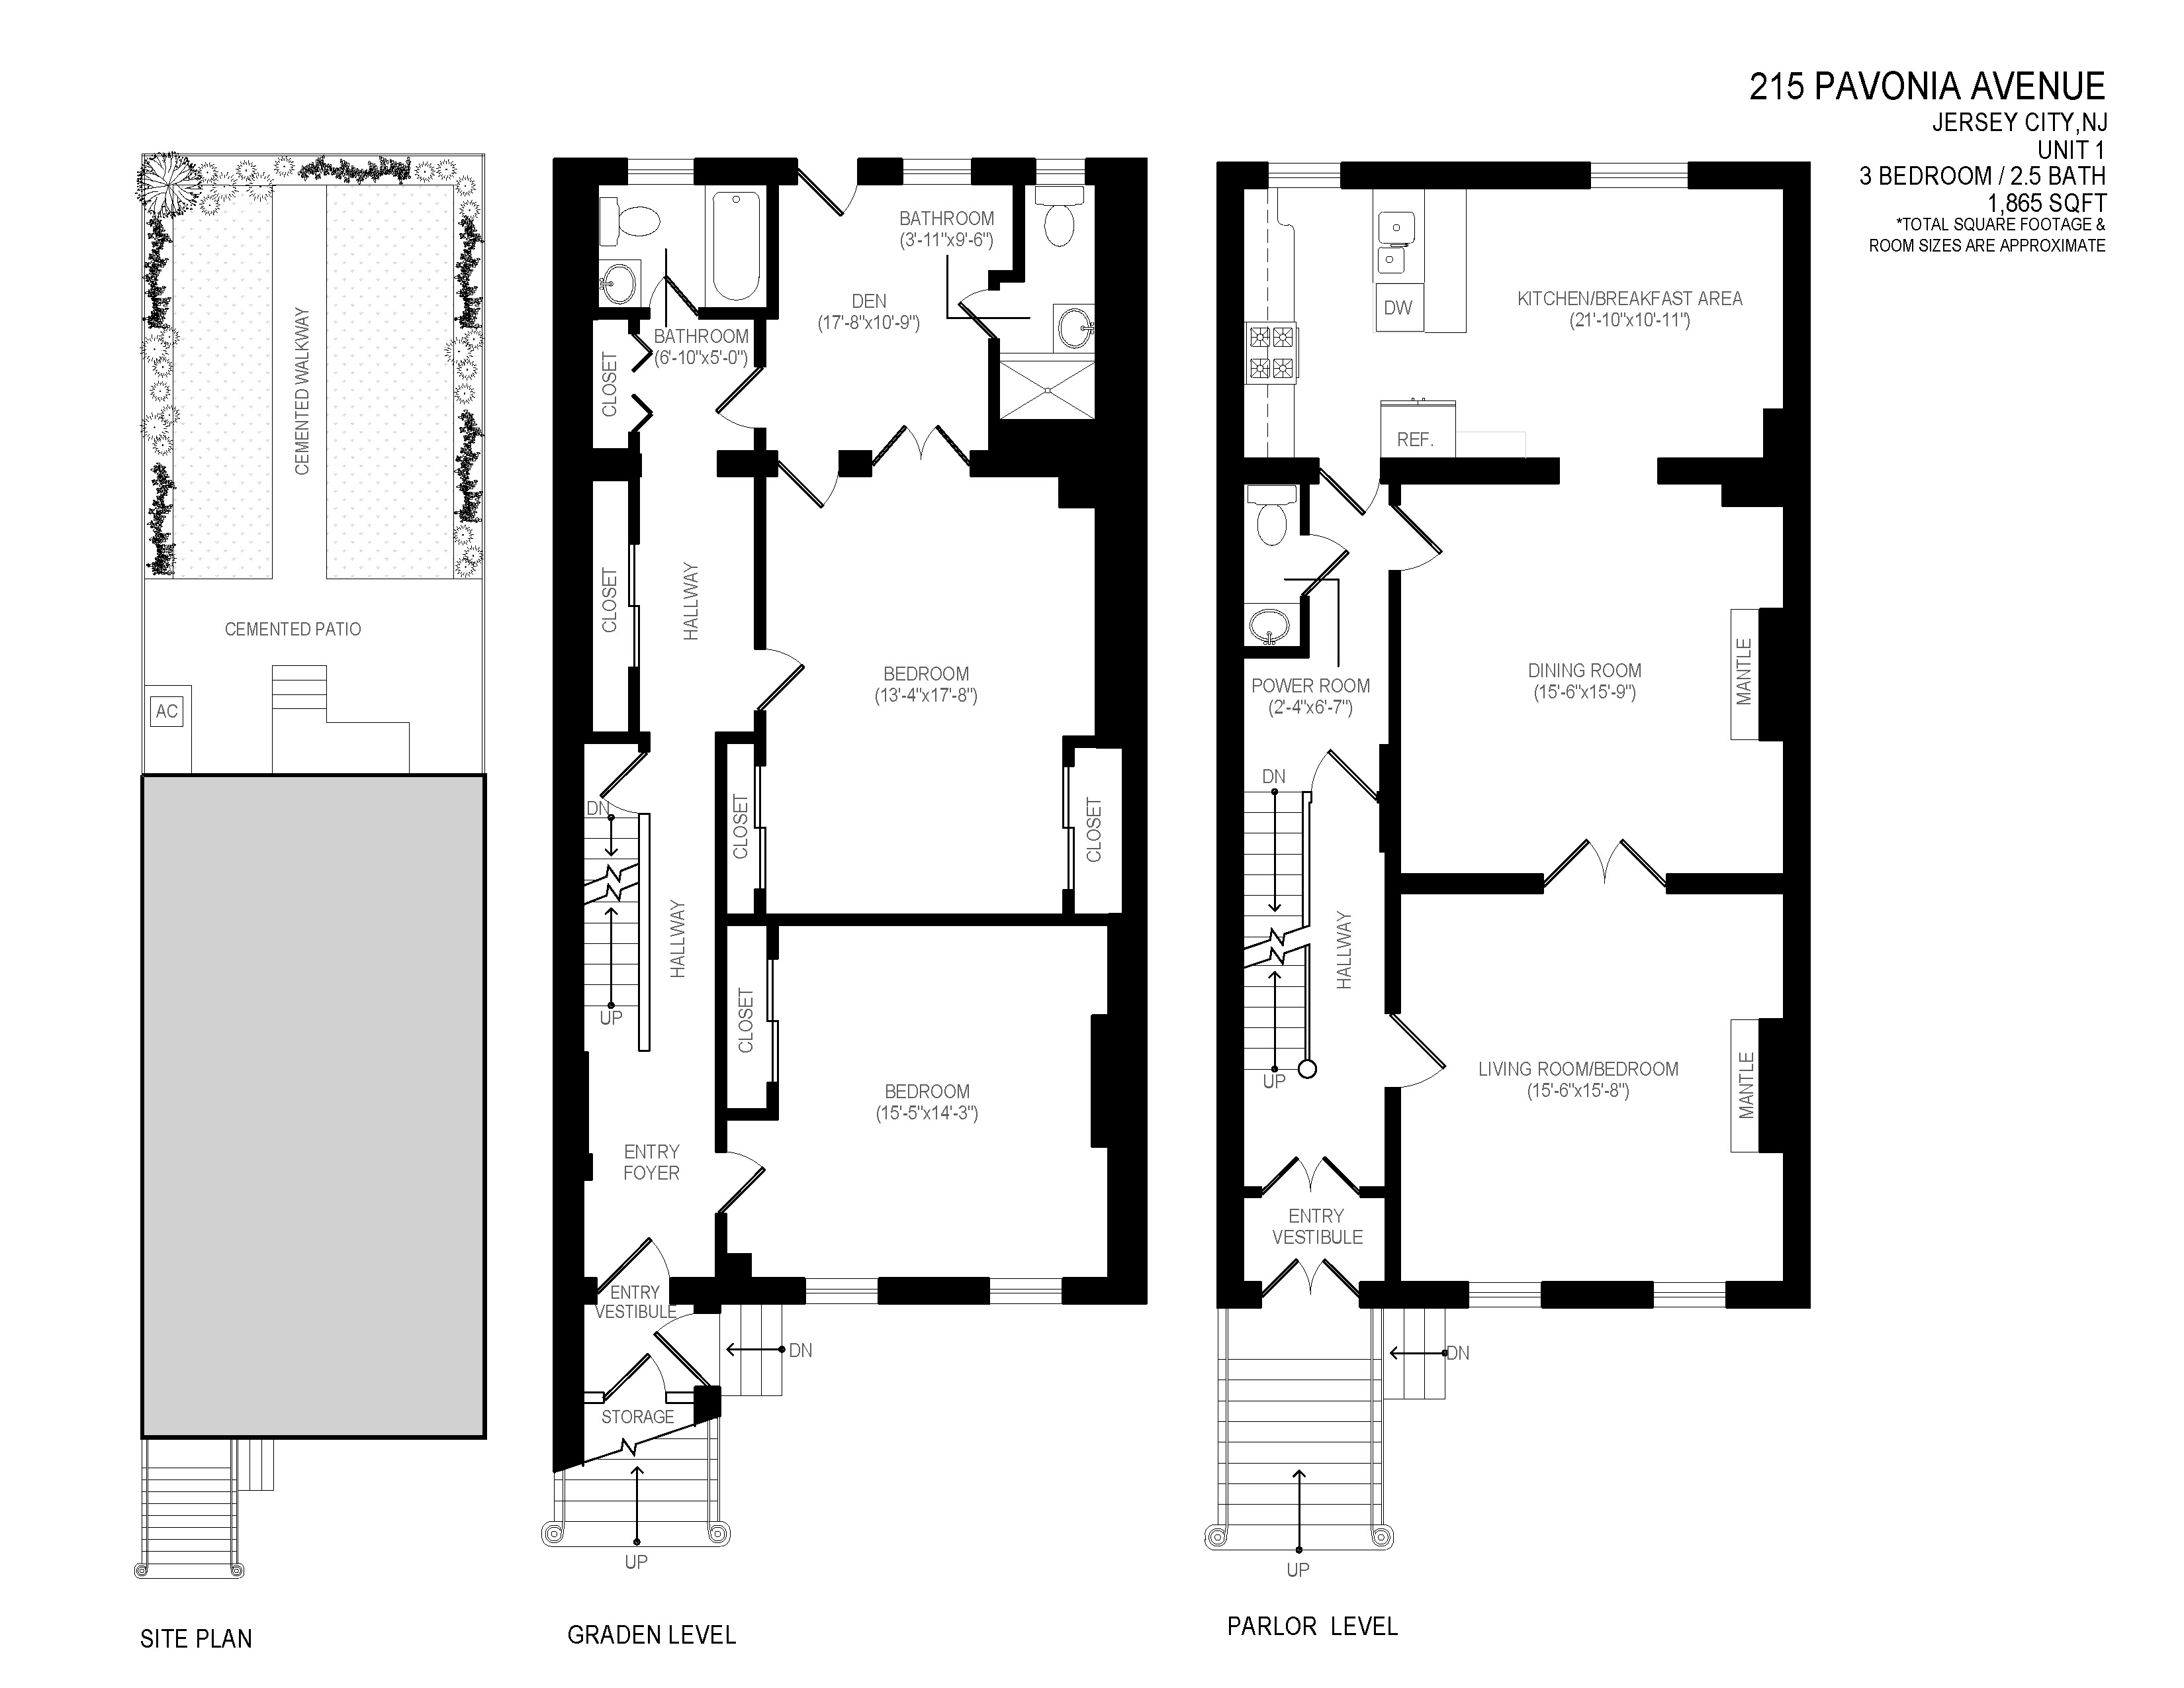 5x8 bathroom layout rh ajaxpress org